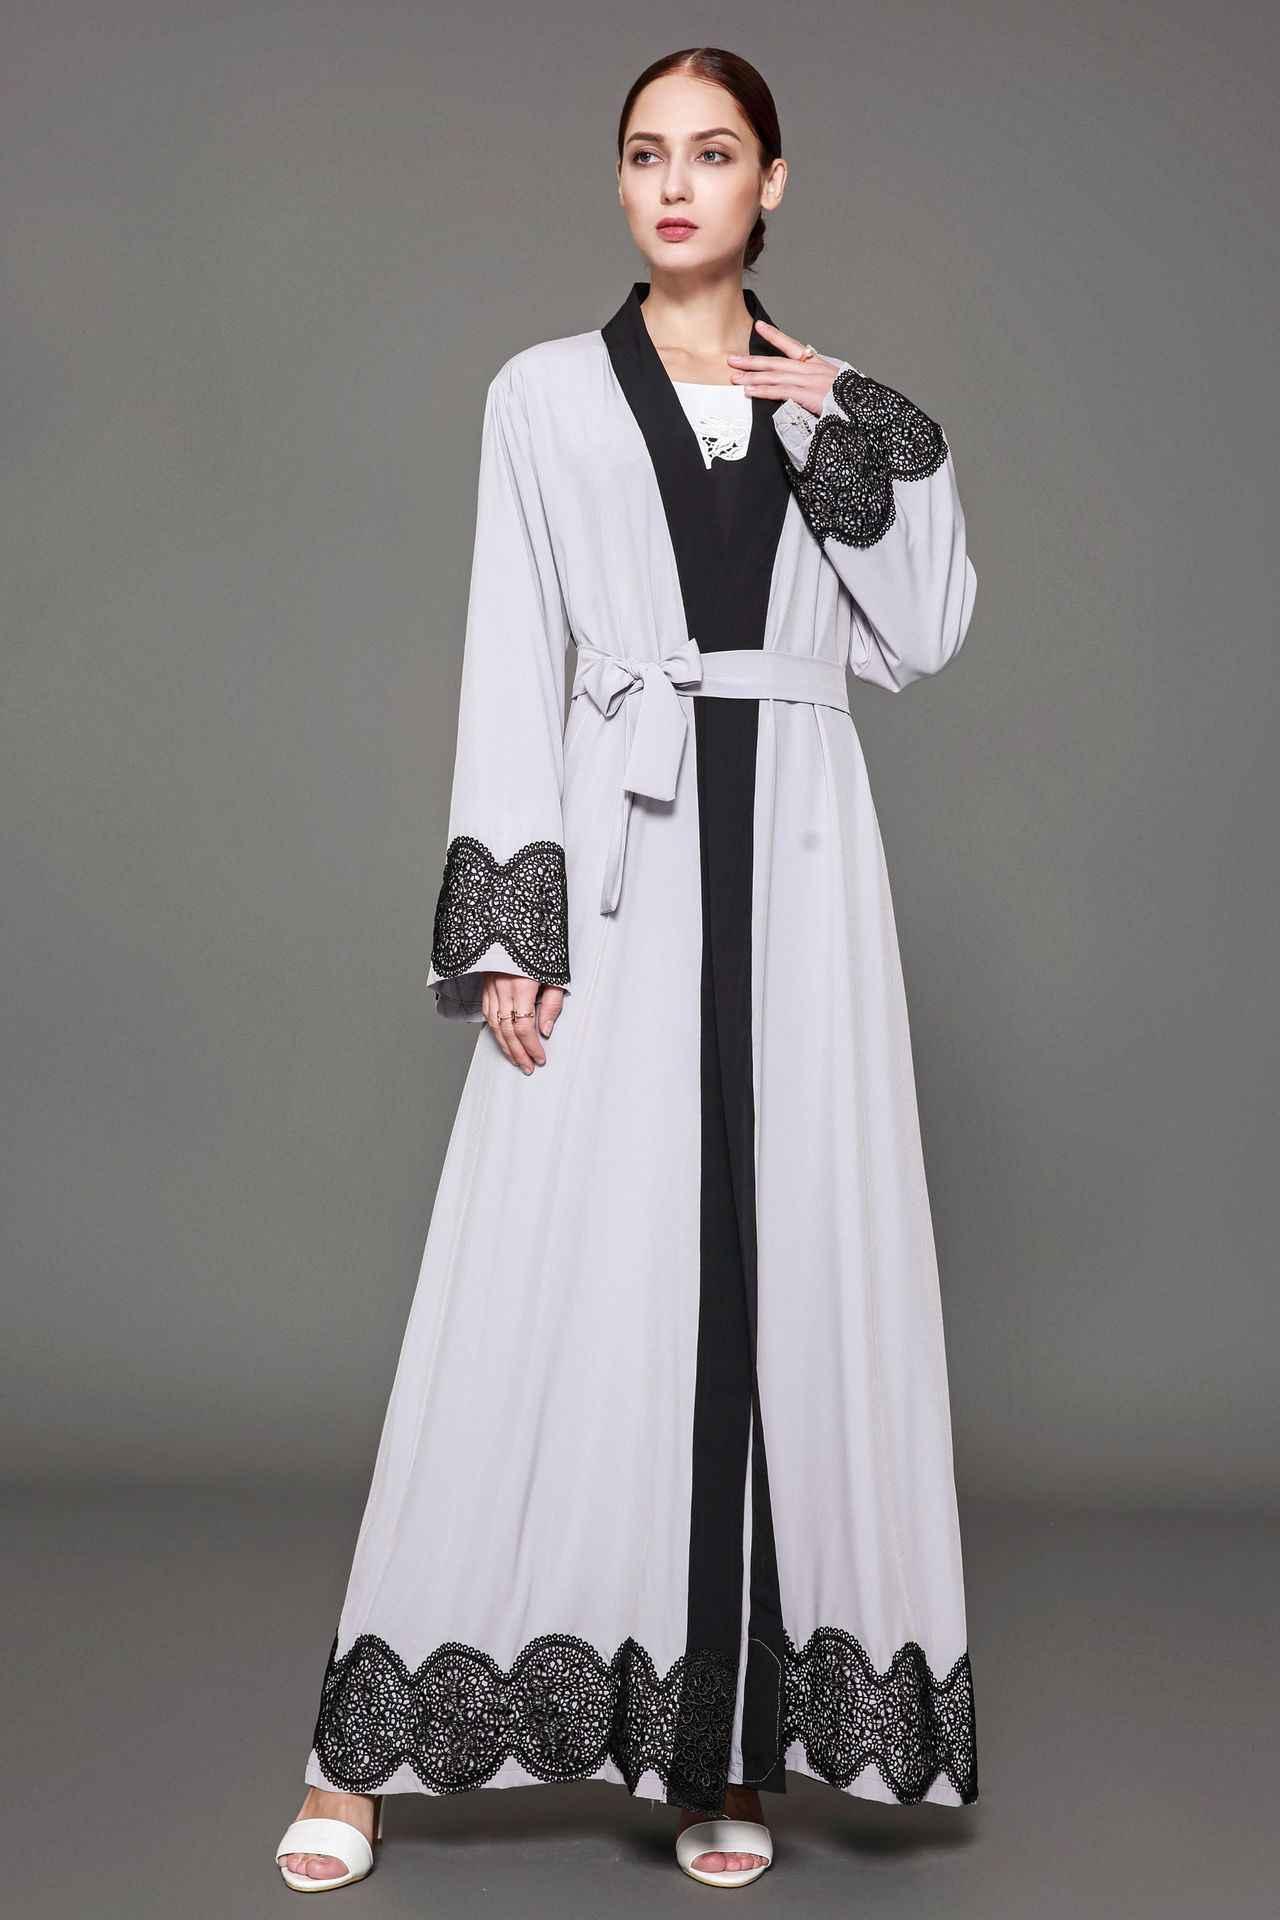 Рамадан взрослых лоскутное отсутствие Серый кардиган с поясом Дубай мода мусульманская верхняя одежда Платье Халаты арабский поклонение услуги